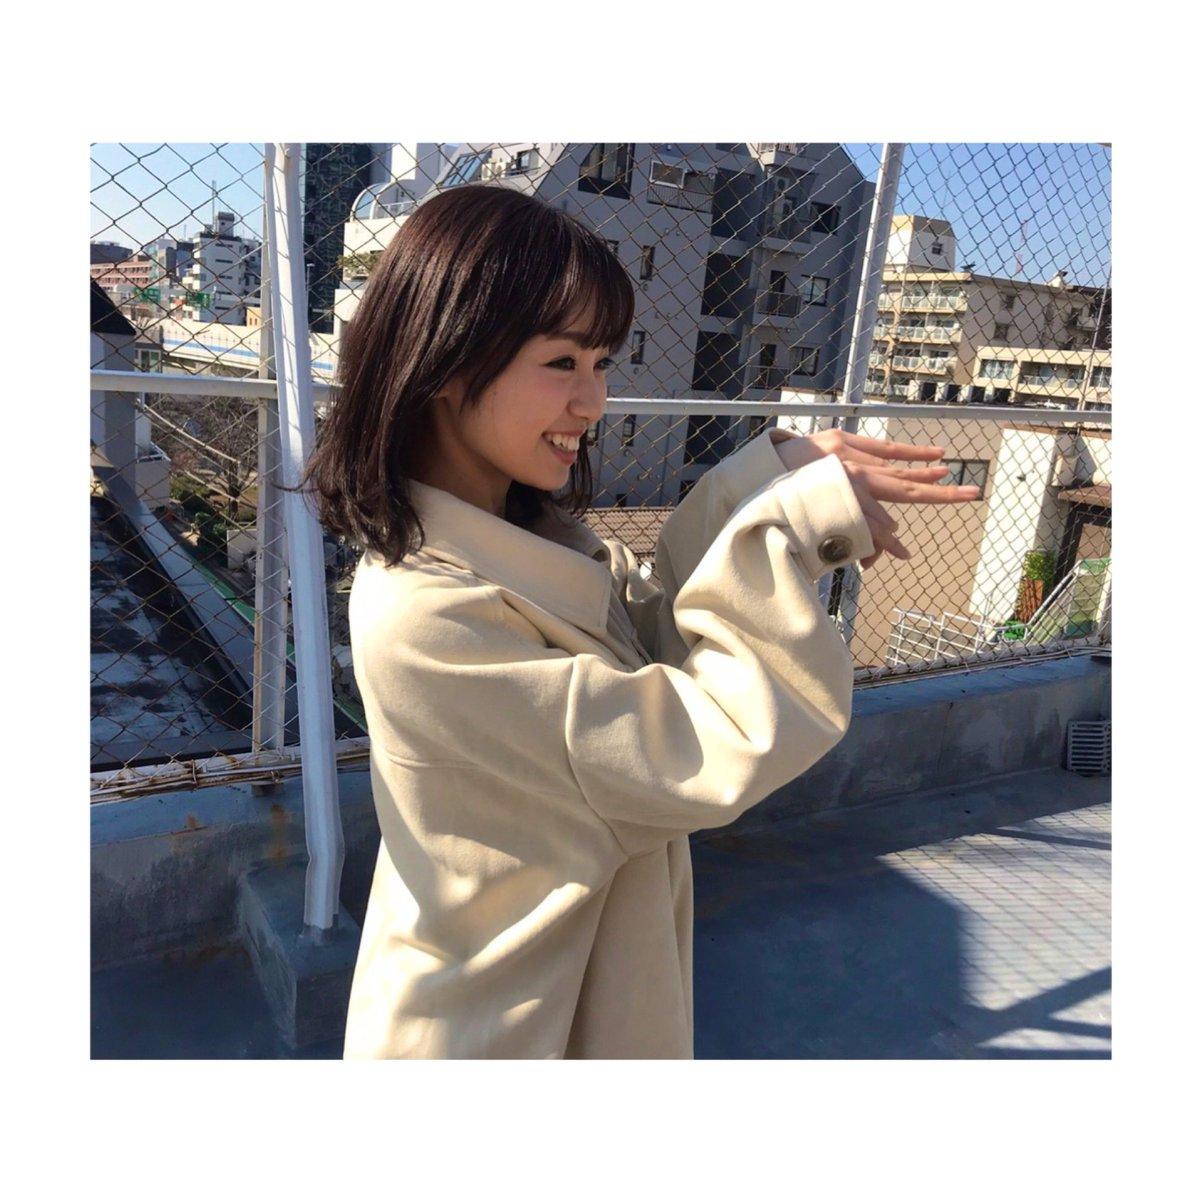 今泉佑唯、欅坂46長濱ねるの卒業発表を受けツイート「どっひゃーーーーーー」2